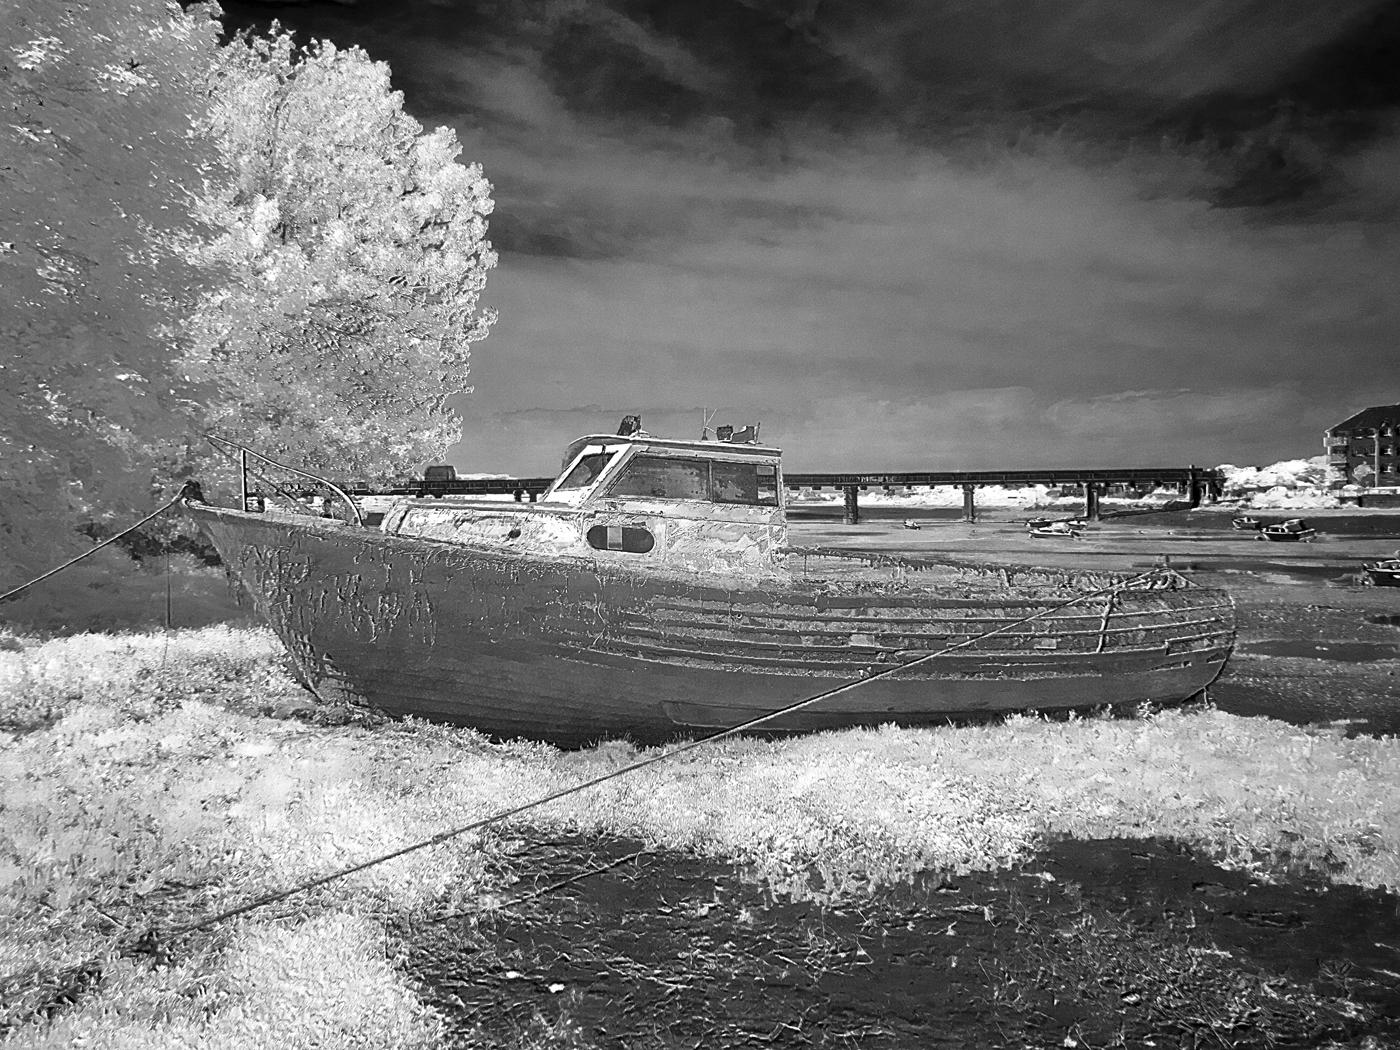 Boat 0651